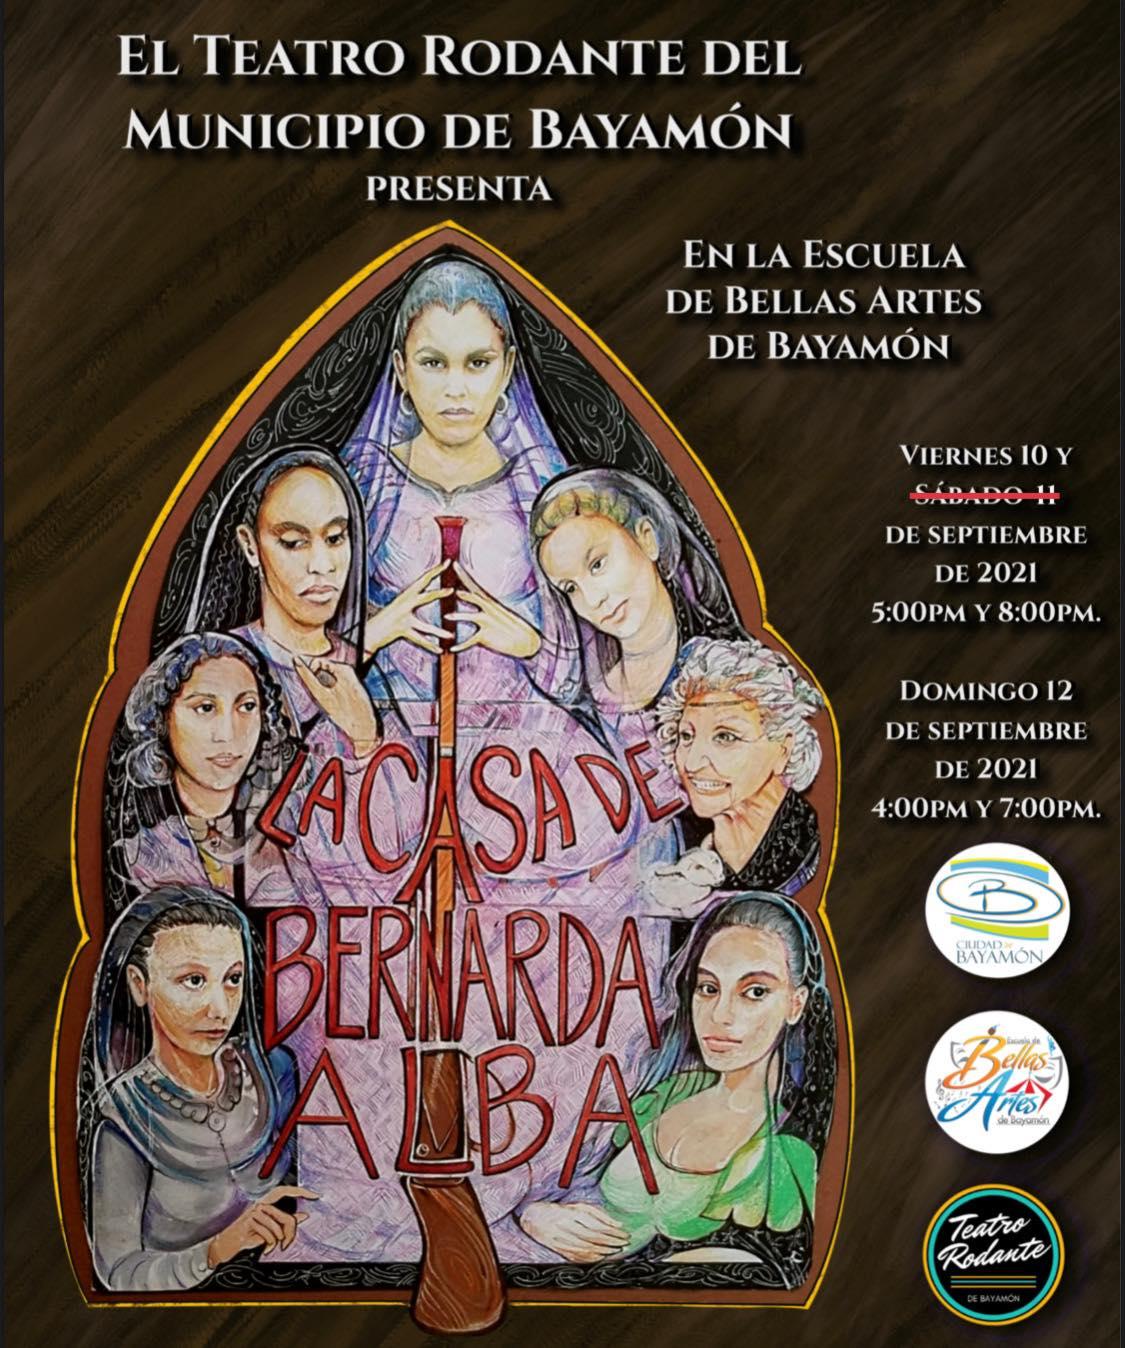 Teatro Rodante Presenta: La Casa de Bernarda Alba